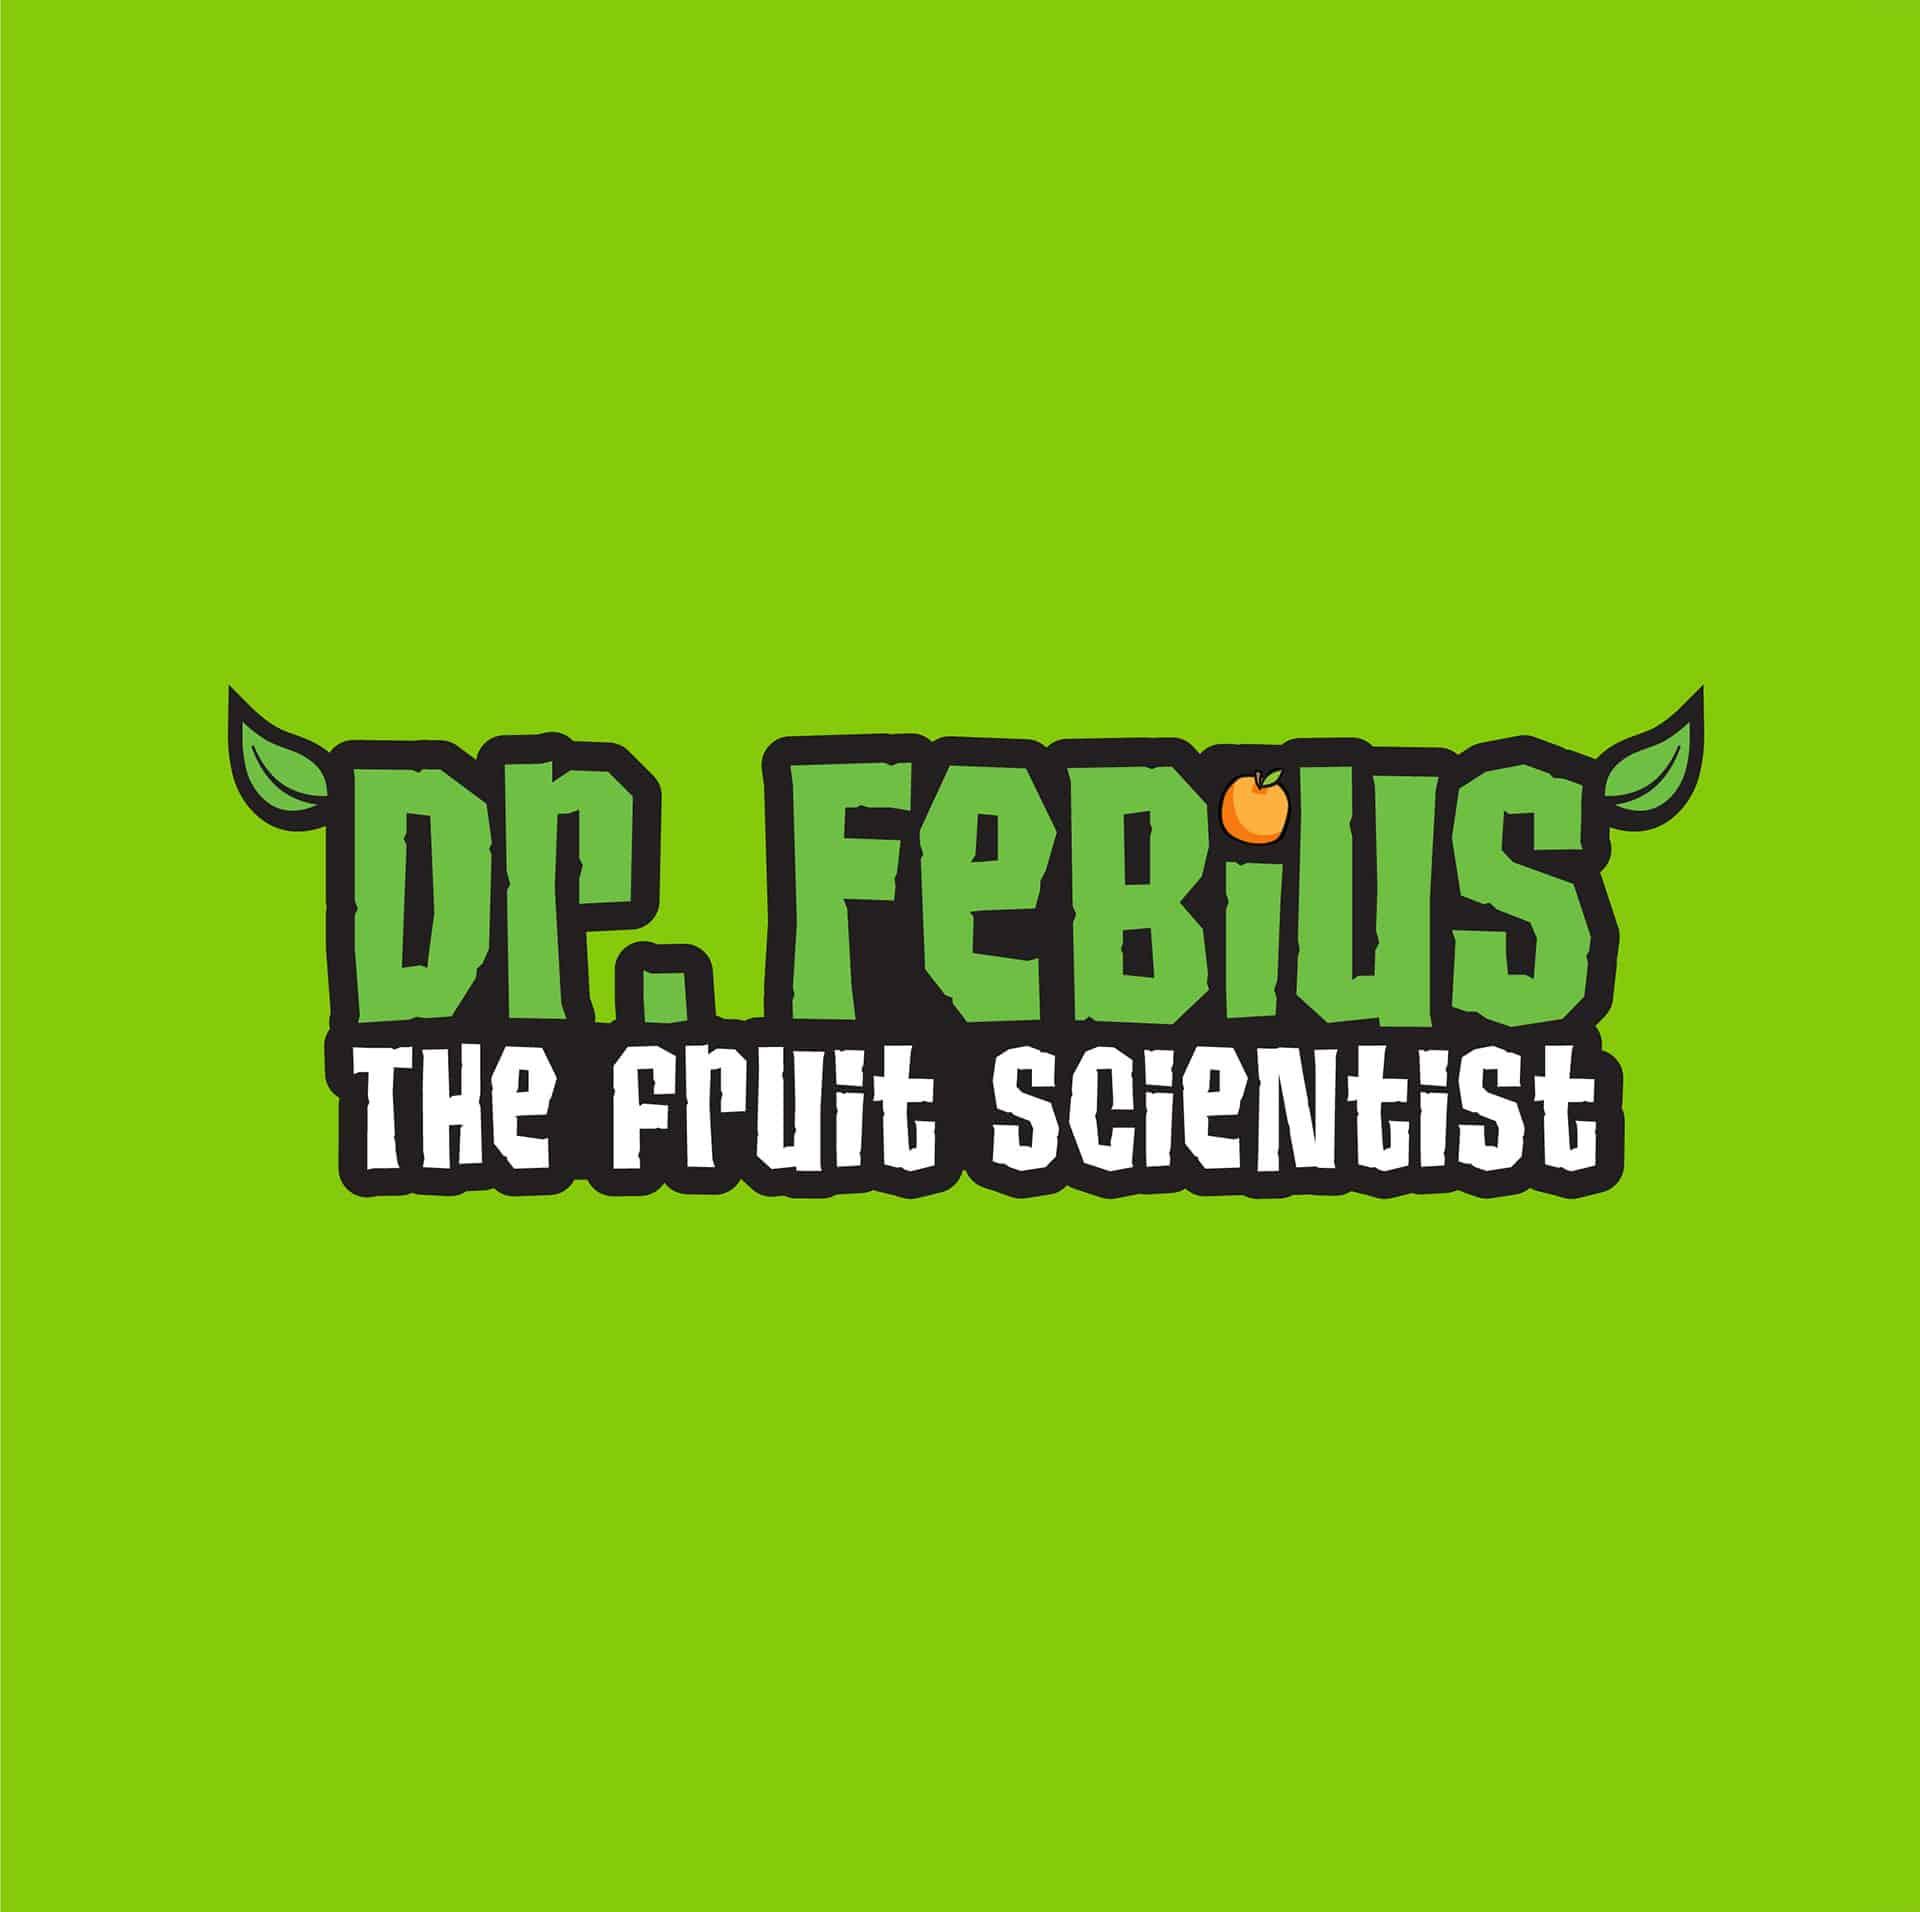 PROPAGANDA - dr febious logo green